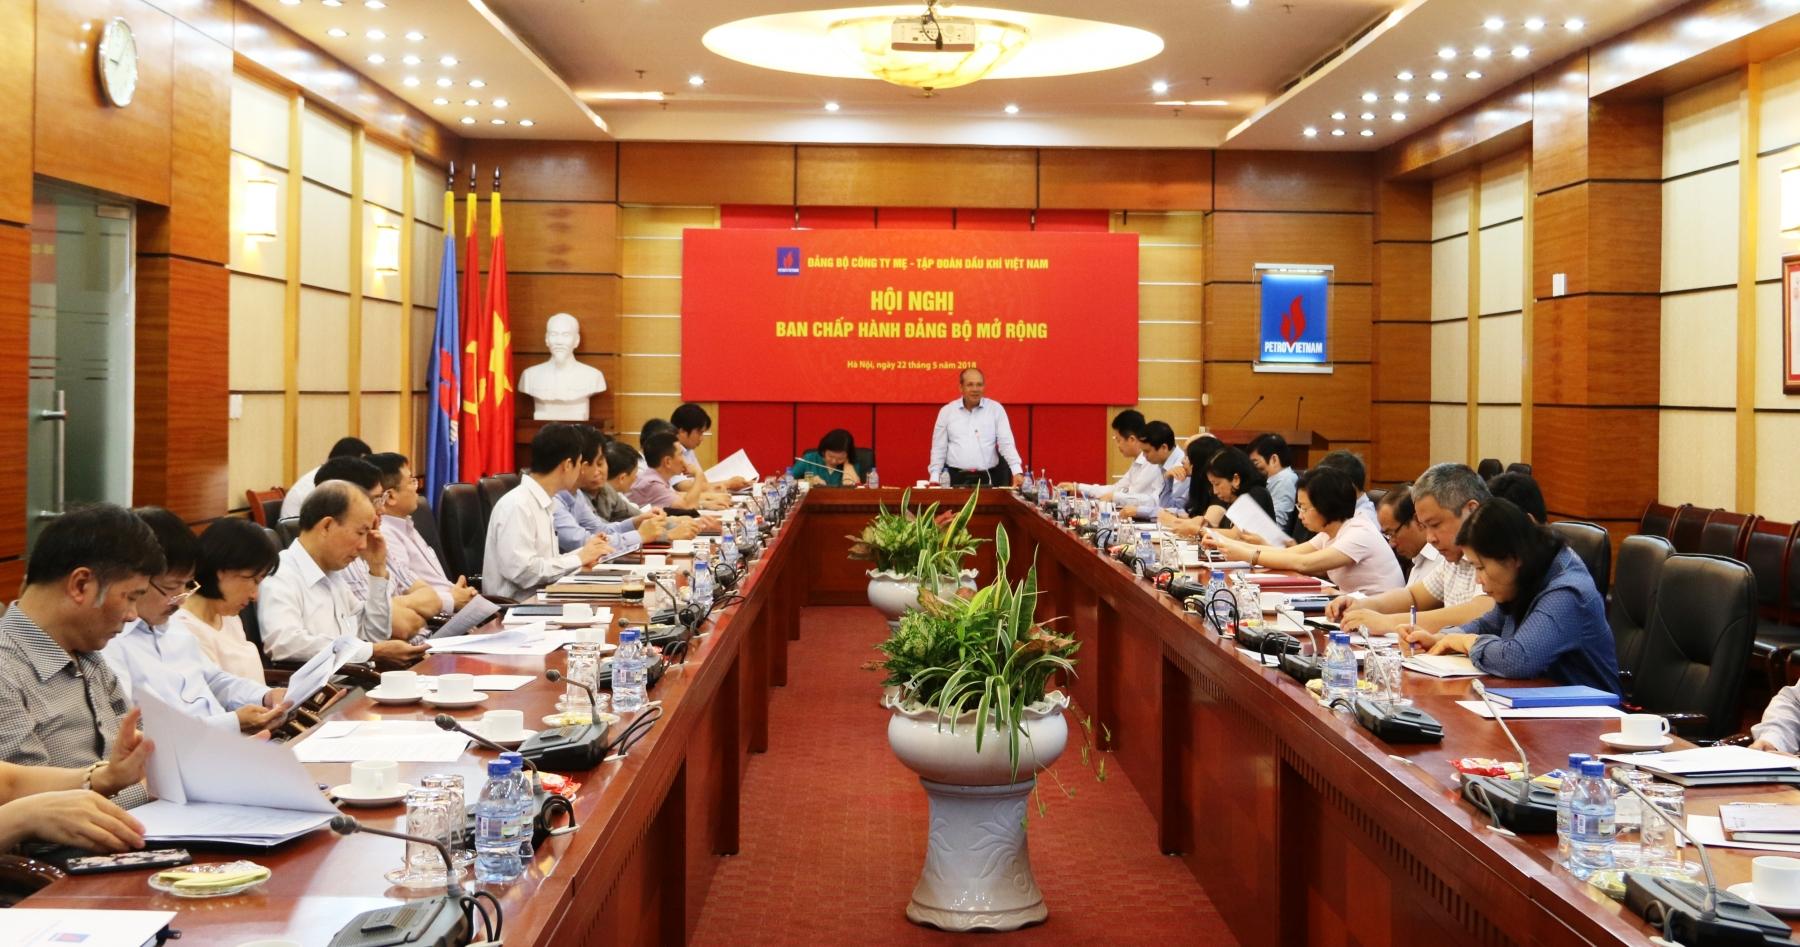 Đảng bộ Công ty Mẹ - Tập đoàn Dầu khí Việt Nam: Kiện toàn tổ chức Đảng